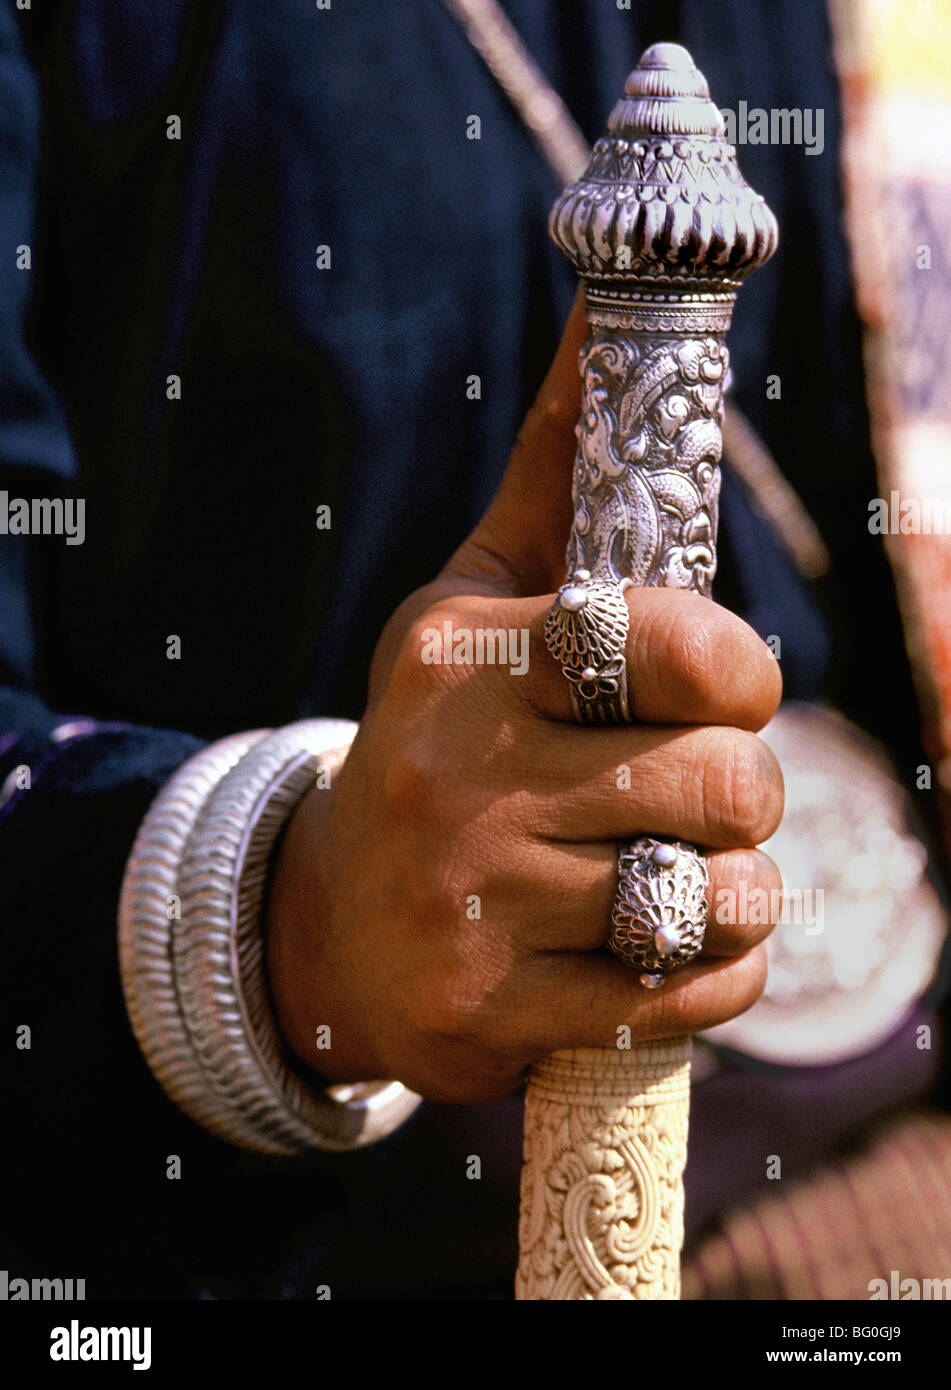 Épée style Lanna, dans le Nord de la Thaïlande, en Asie du Sud-Est, l'Asie Photo Stock